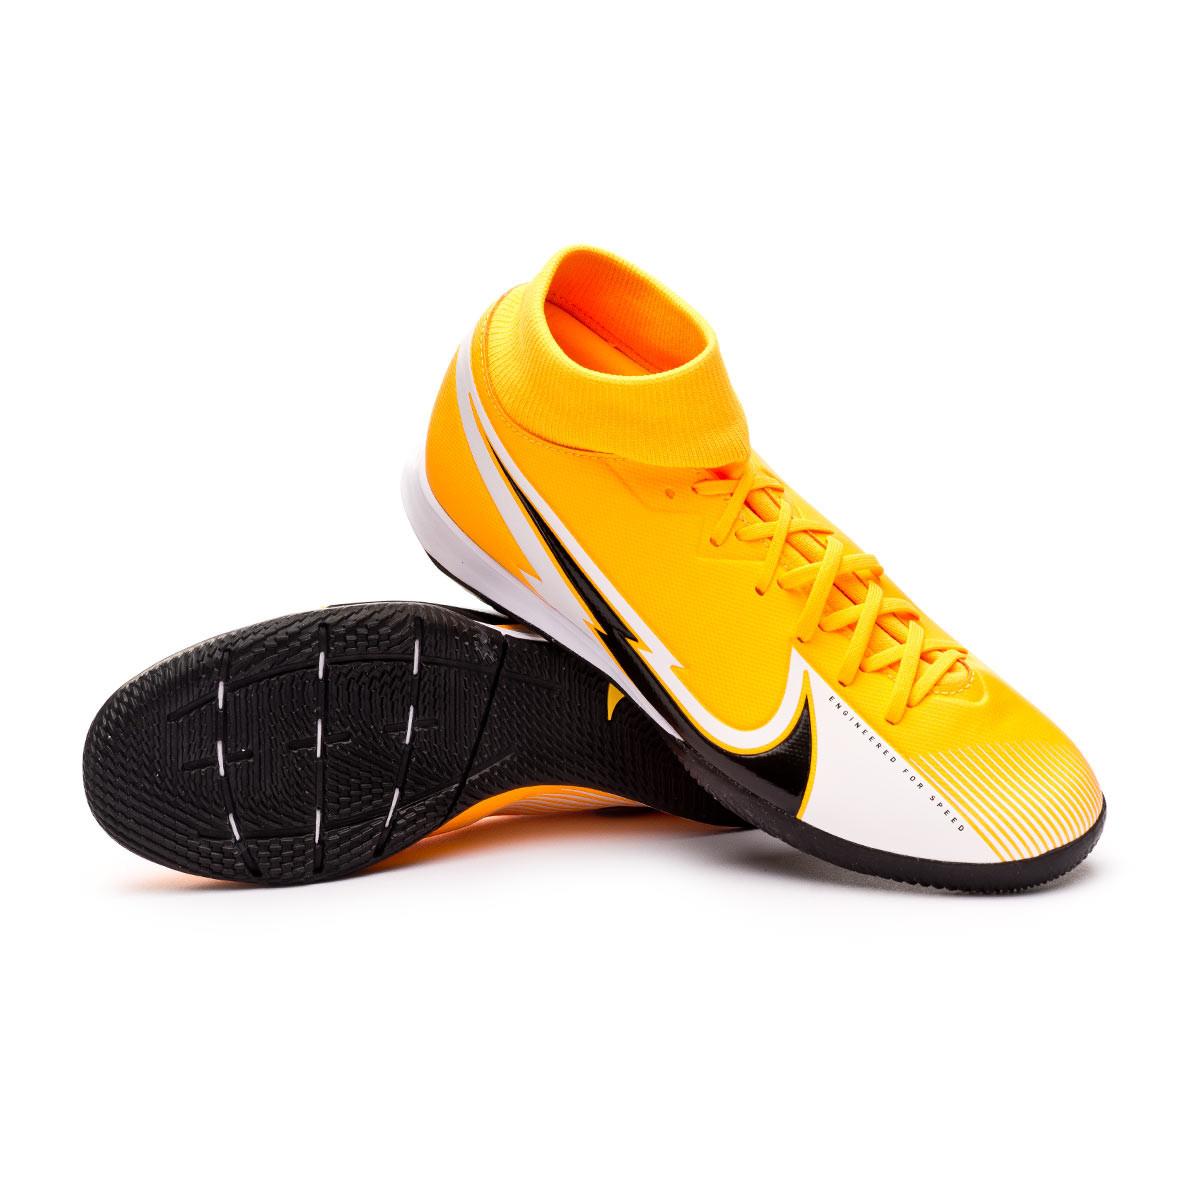 Dedicar pedestal Abuelos visitantes  Zapatilla Nike Mercurial Superfly VII Academy IC Laser  orange-Black-White-Laser orange - Tienda de fútbol Fútbol Emotion